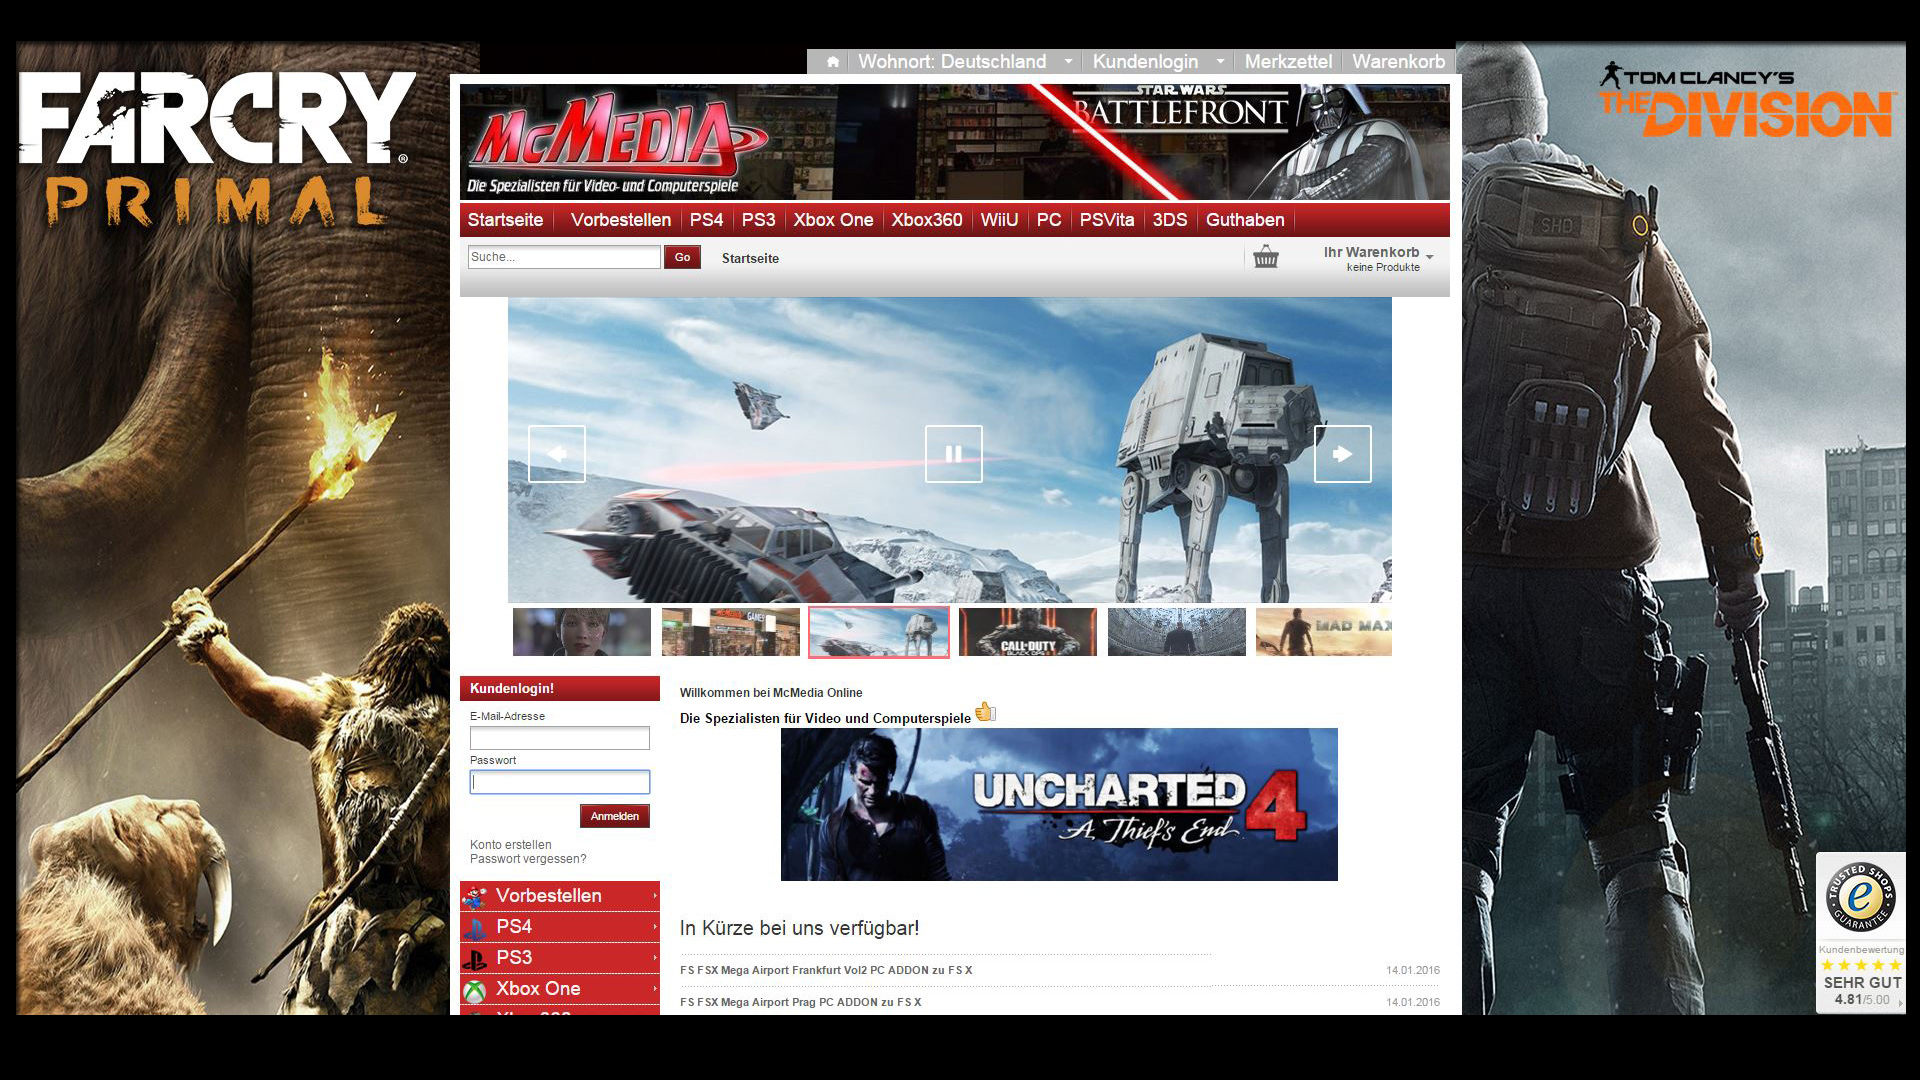 Willkommen bei McMedia Online Die Spezialisten für Video und Computerspiele